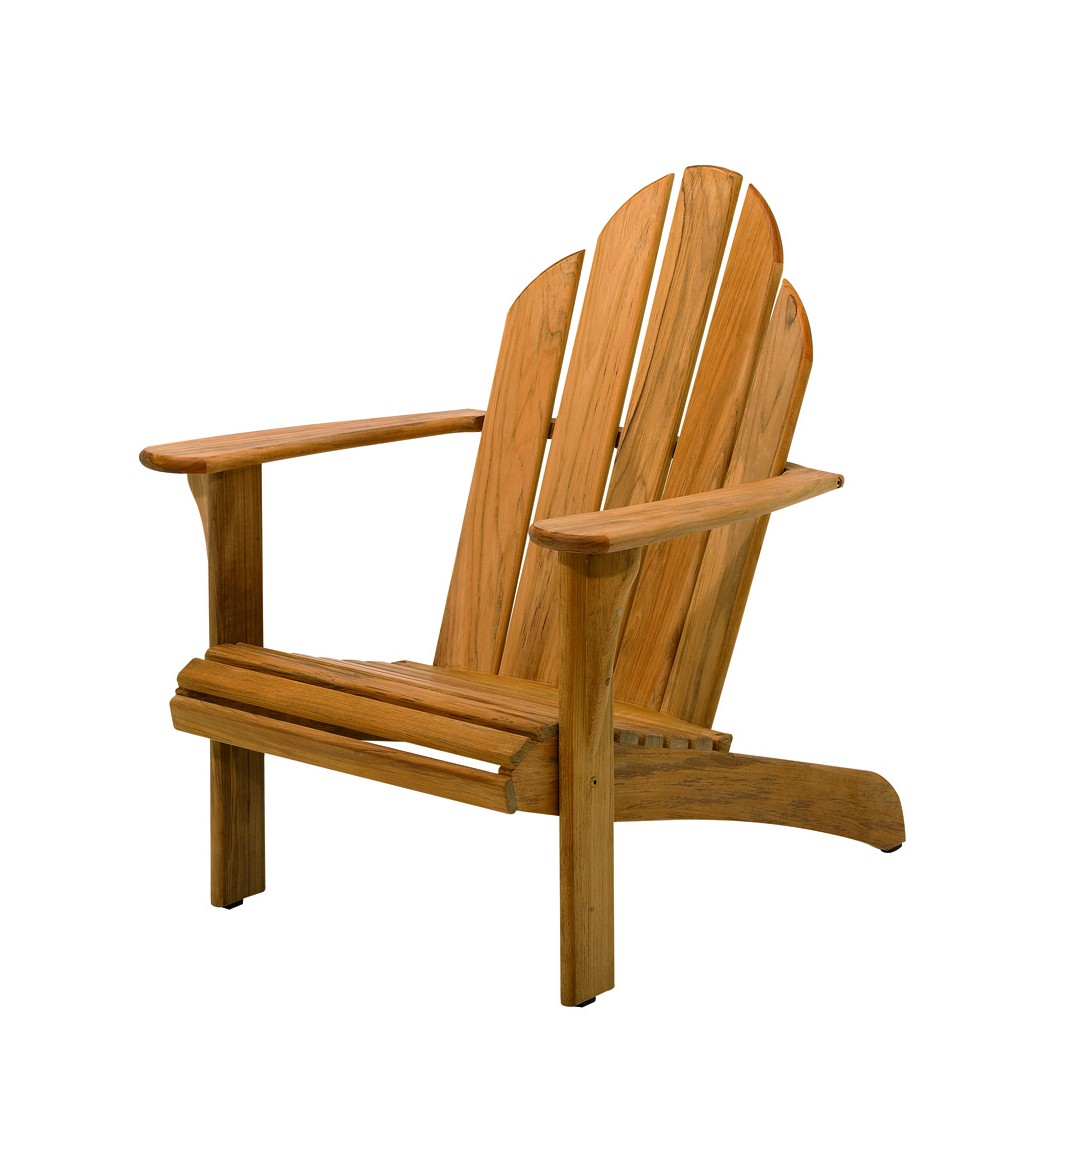 Le c dre rouge - Traditionele fauteuil ...